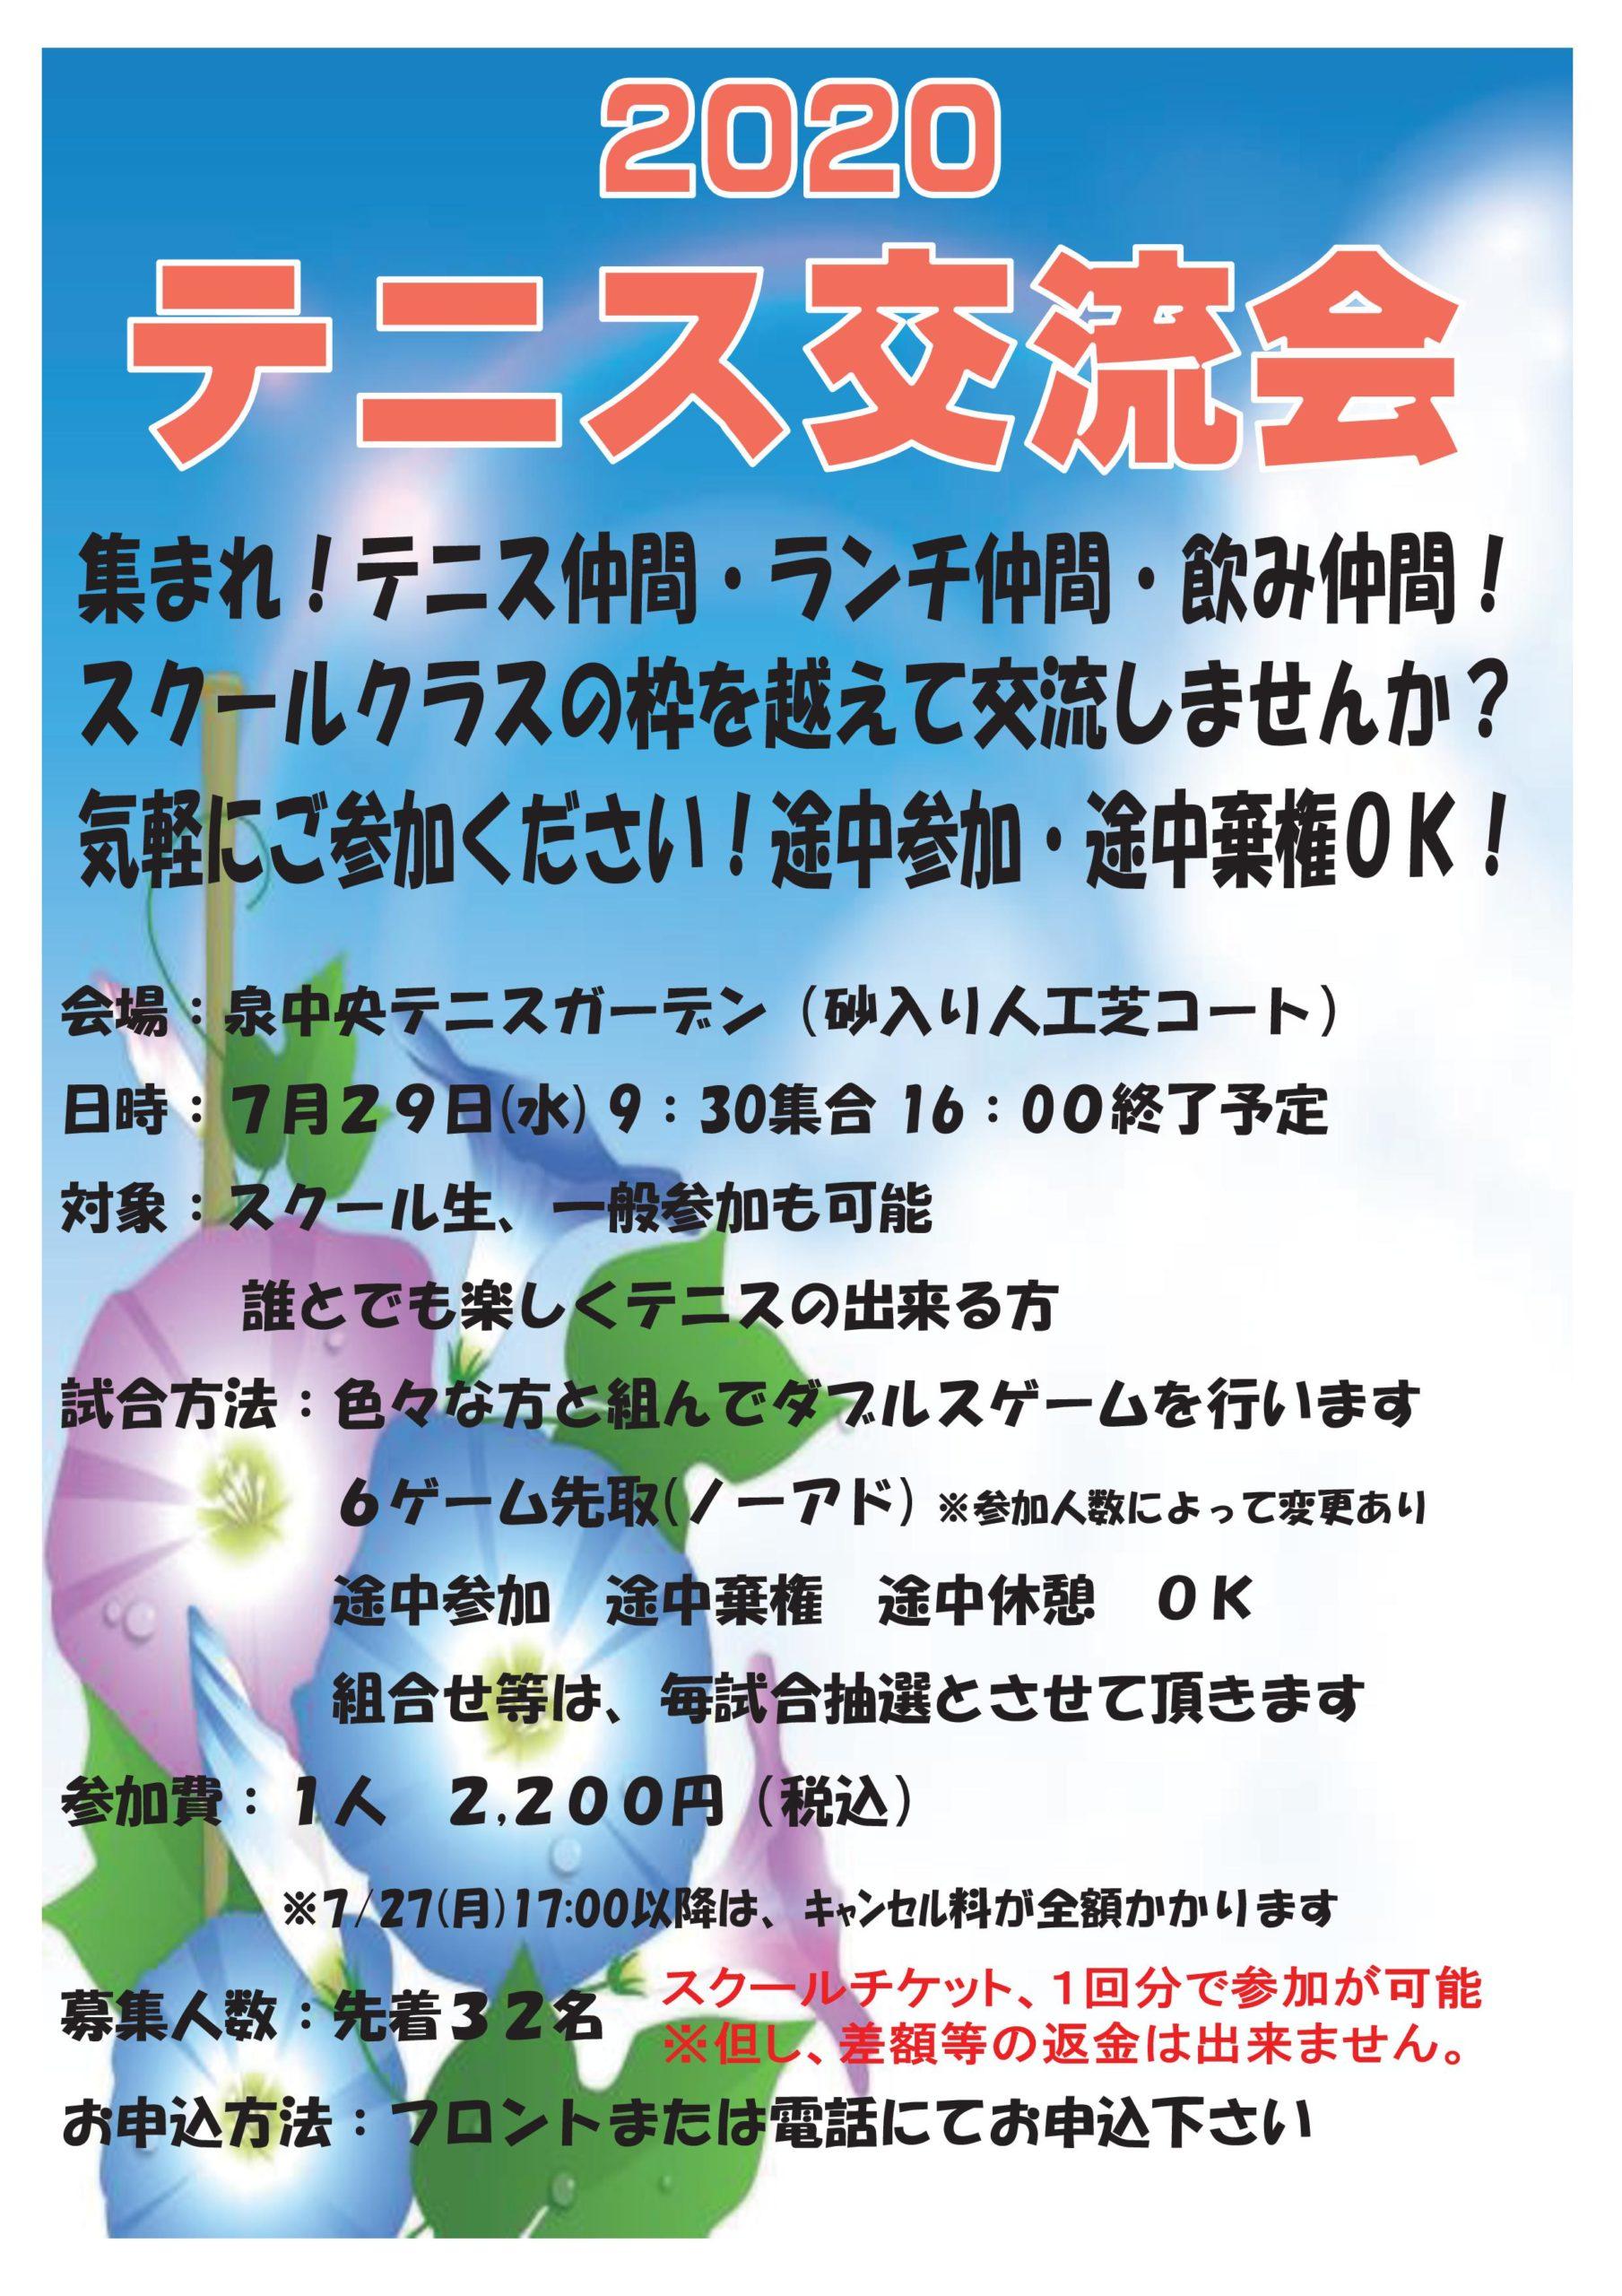 2020テニス交流会 scaled - 2020年7月29日(水)ダブルス交流会開催